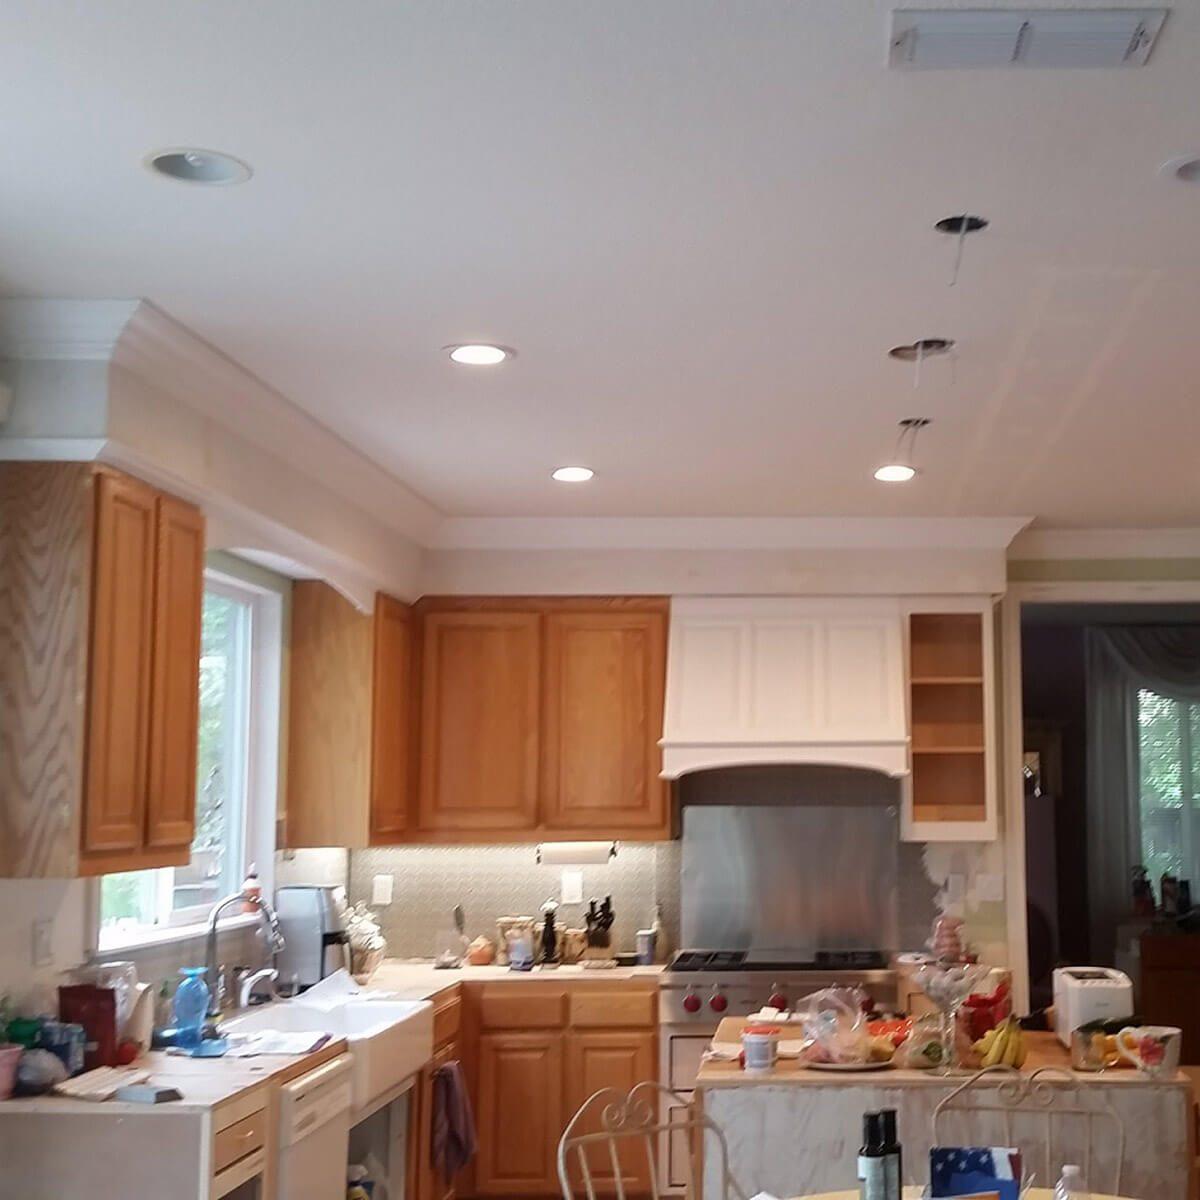 kitchen remodel -soffits